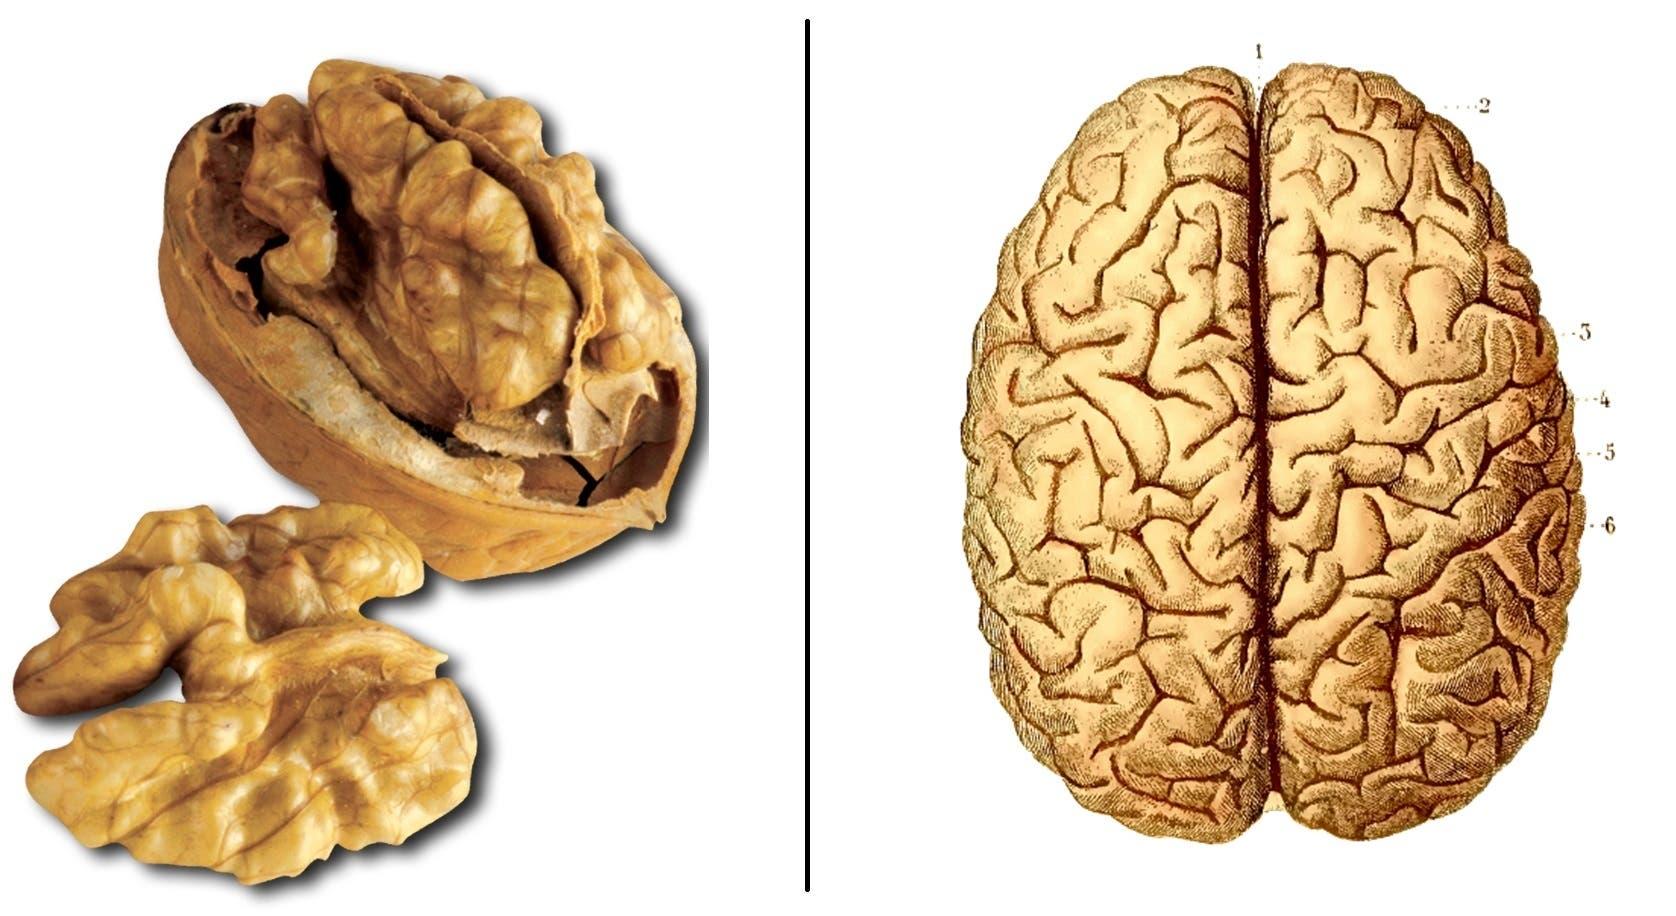 ces-aliments-ressemblent-aux-organes-quils-guerissent-noix-cerveau